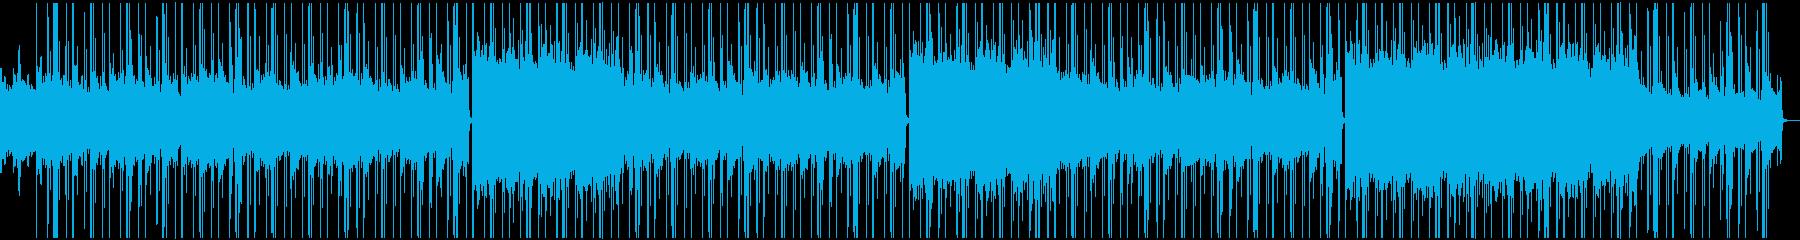 ピアノ ヒップホップ type beatの再生済みの波形